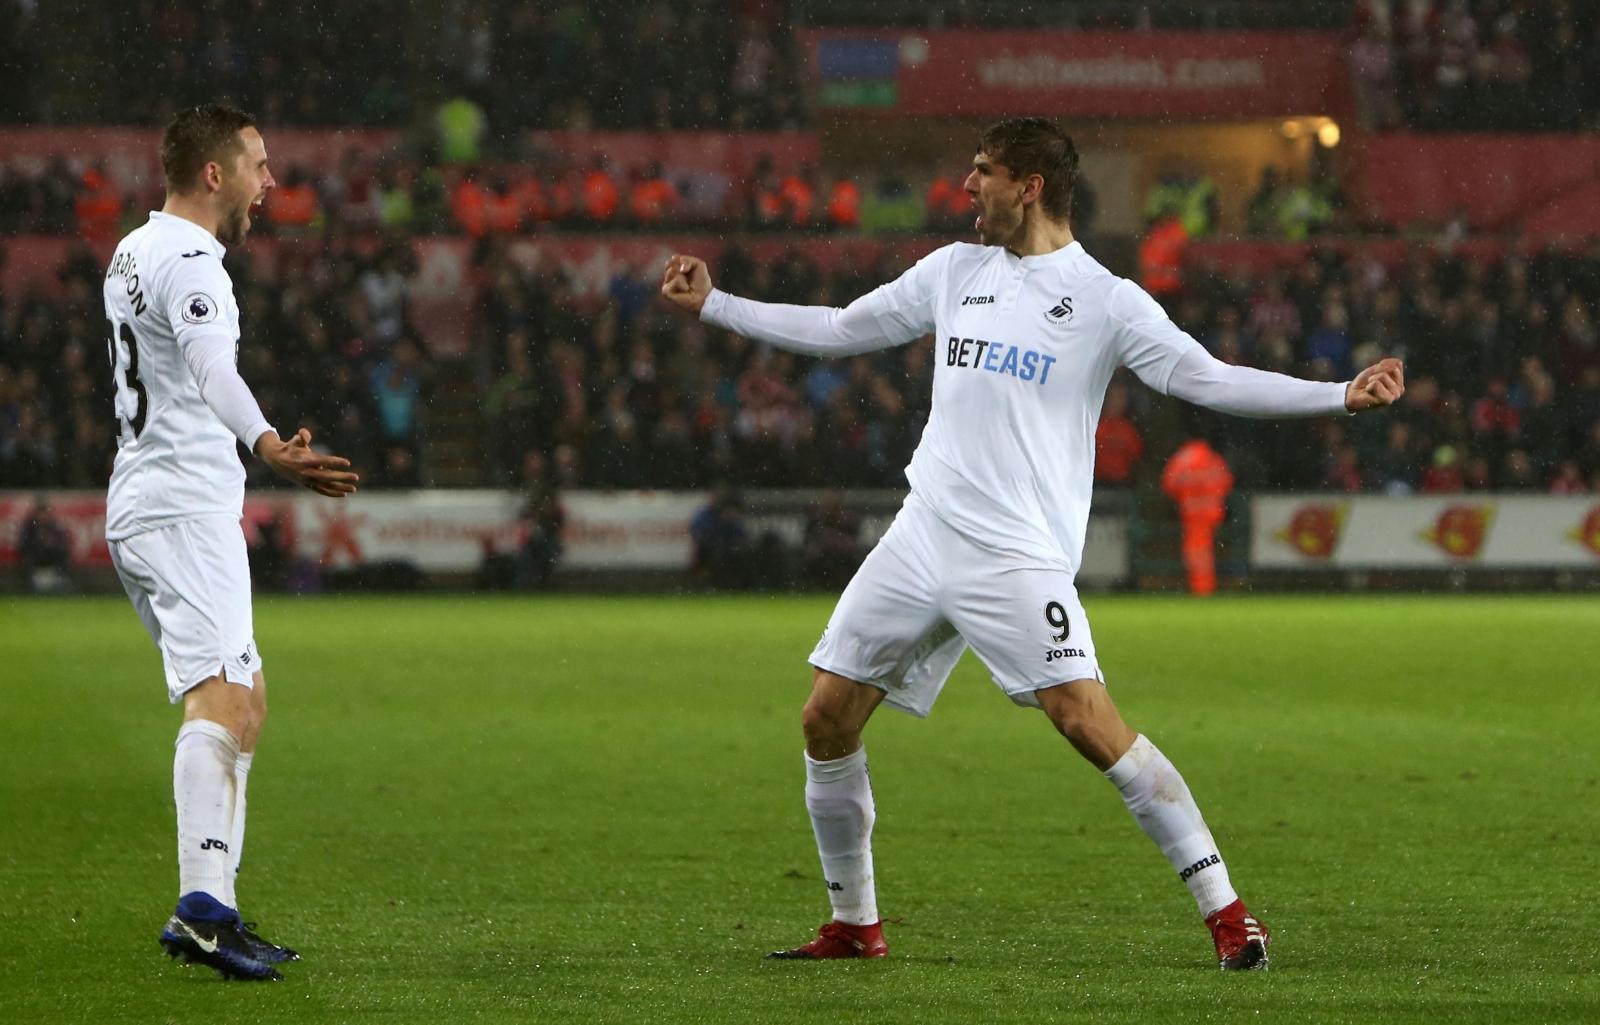 Gylfi Sigurdsson and Fernando Llorente